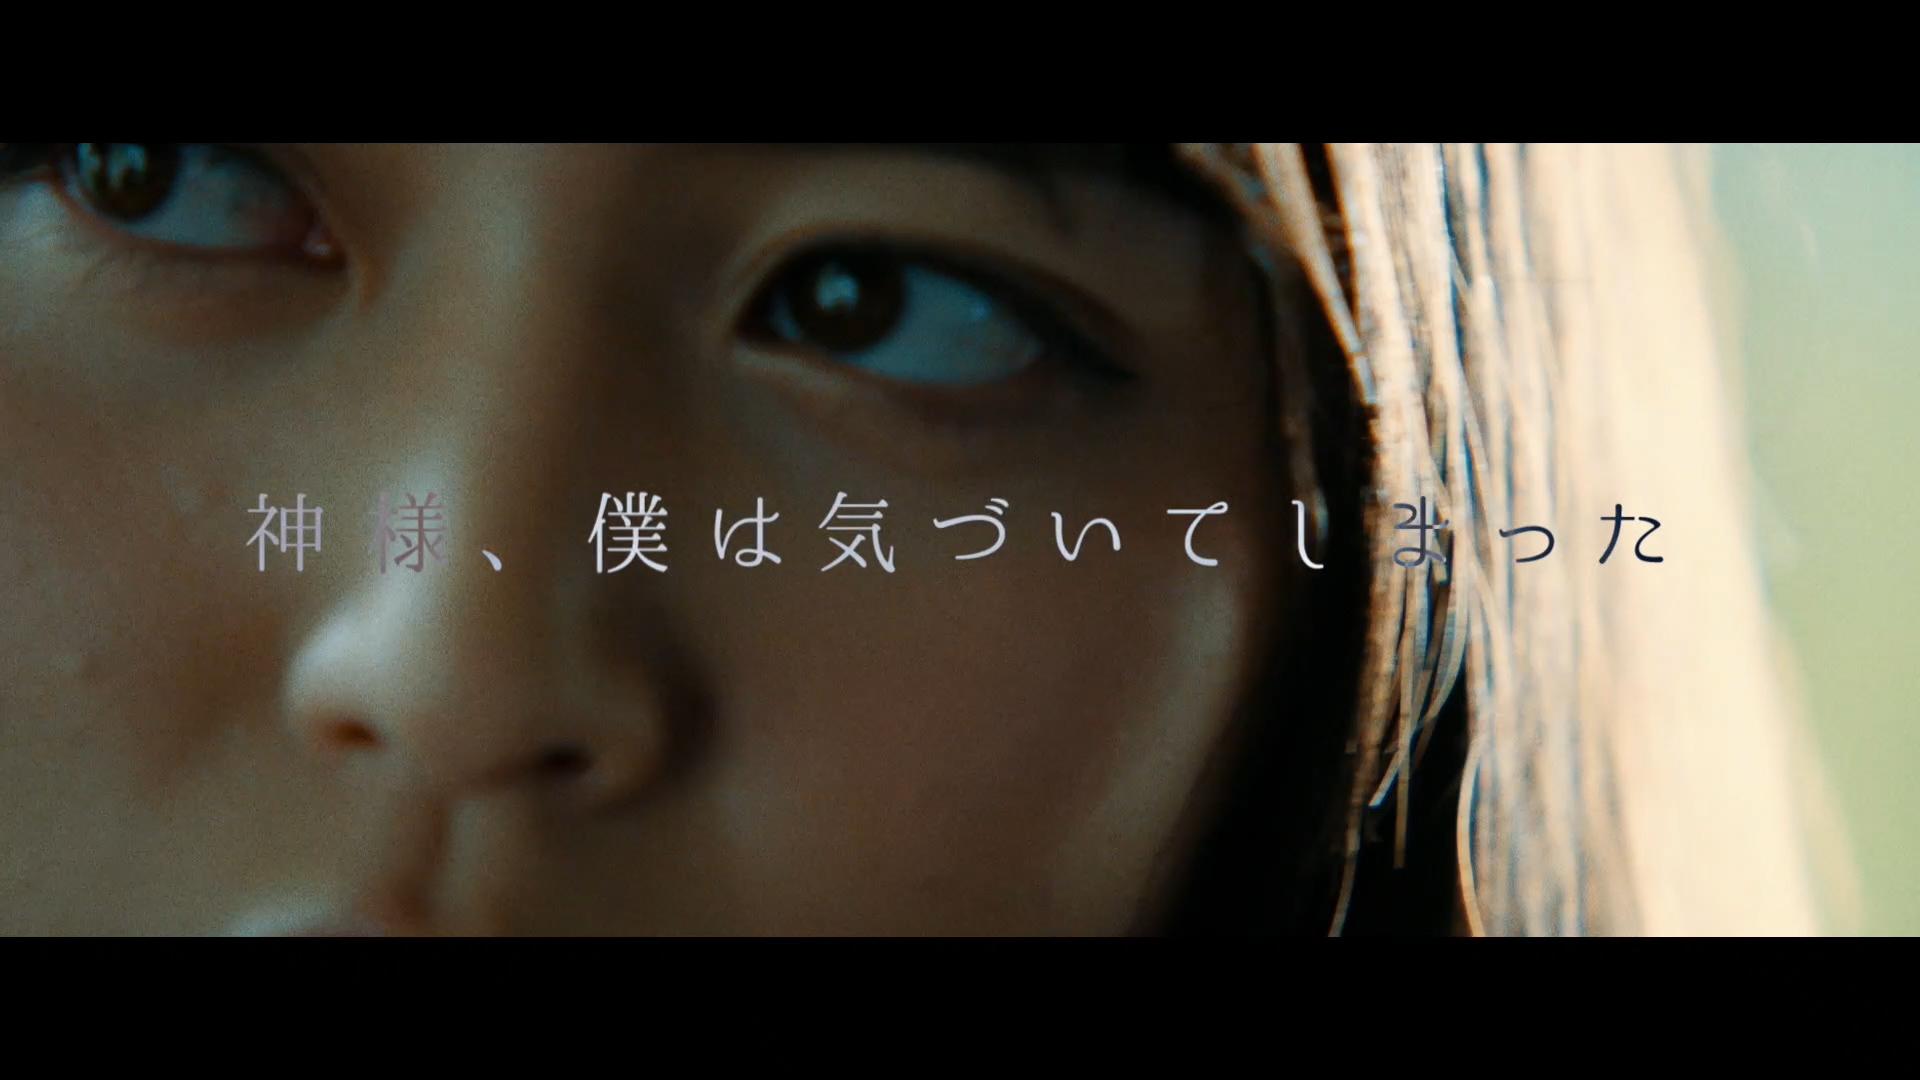 Warner Music Japan Inc.<br>神様、僕は気づいてしまった「わたしの命を抉ってみせて」